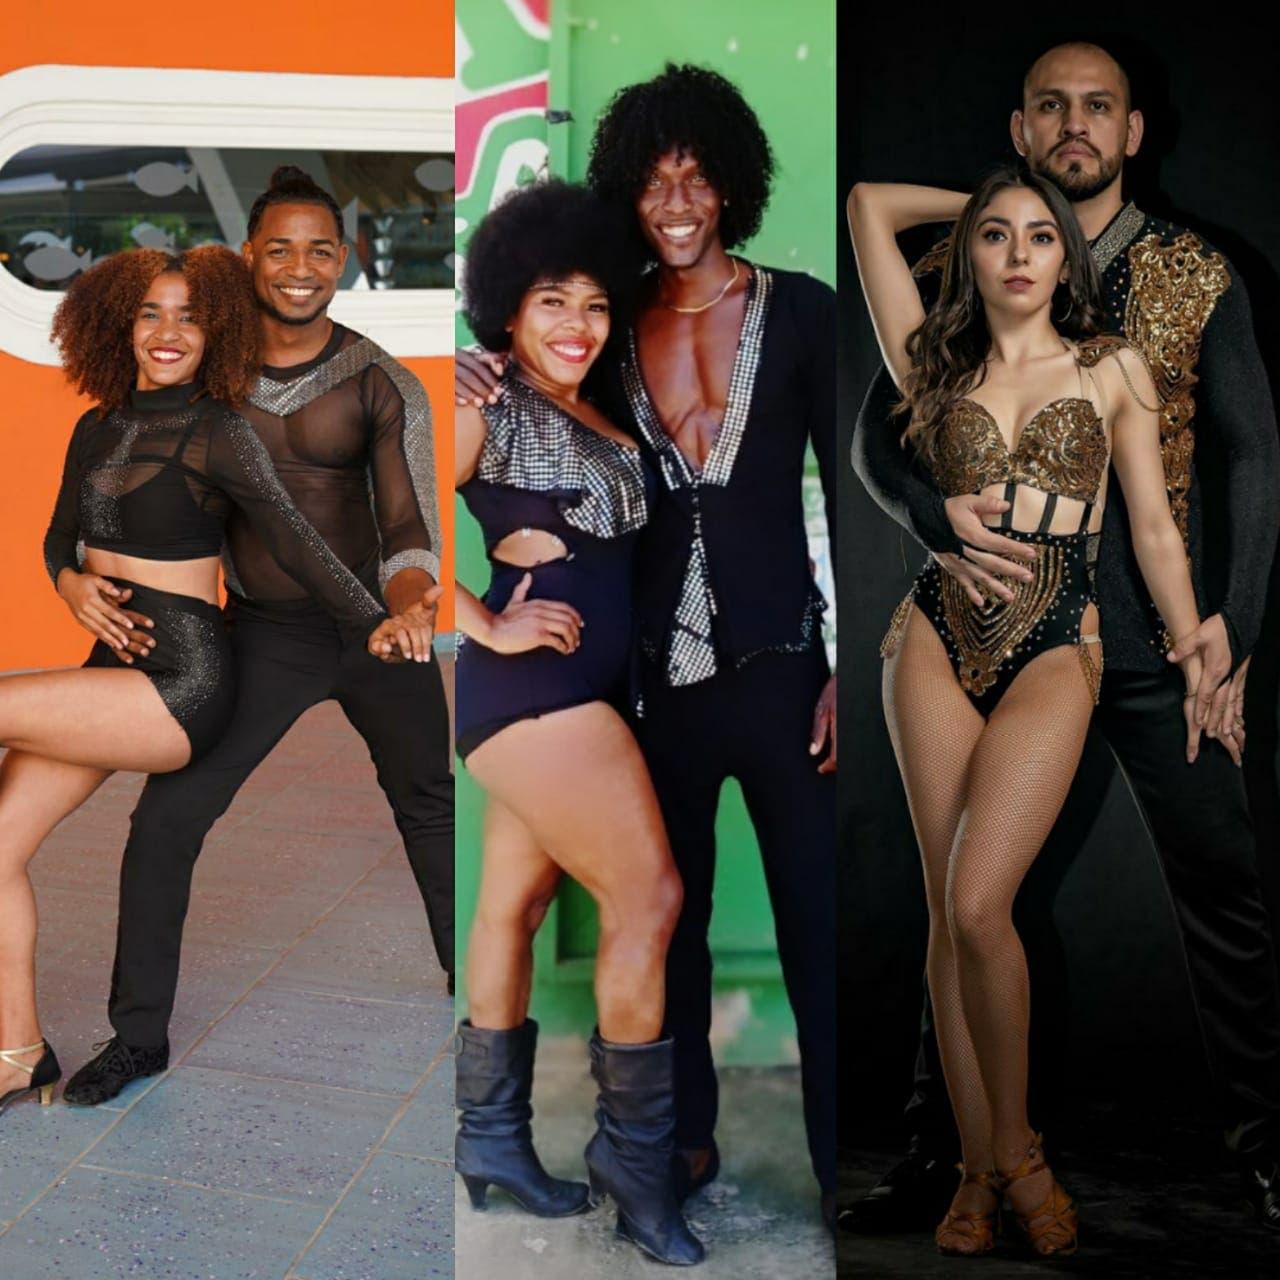 Parejas dominicanas ganan primer y segundo lugar en Bachata World Festival Live